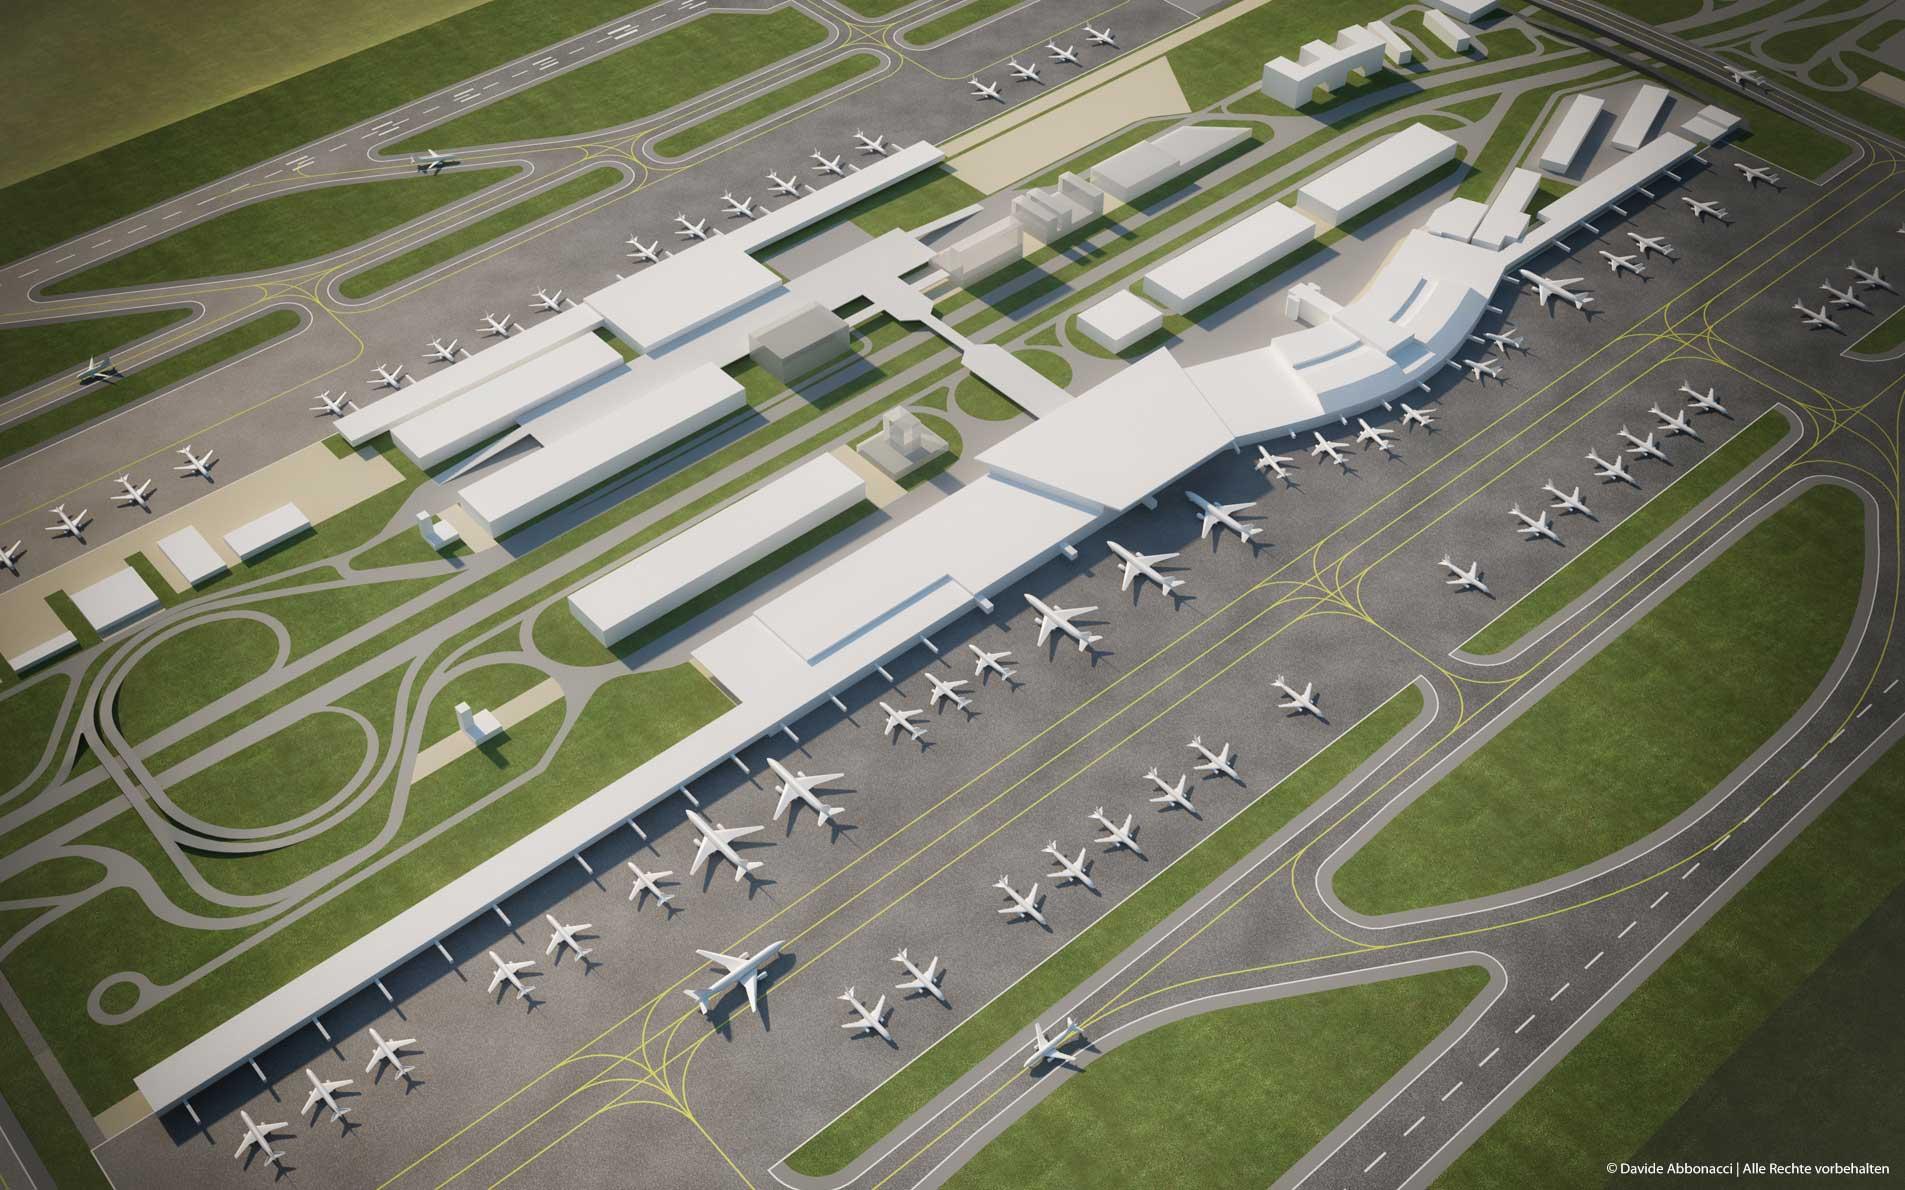 Flughafen Masterplan in Brasilien   amd.sigma GmbH   2014 Masterplan